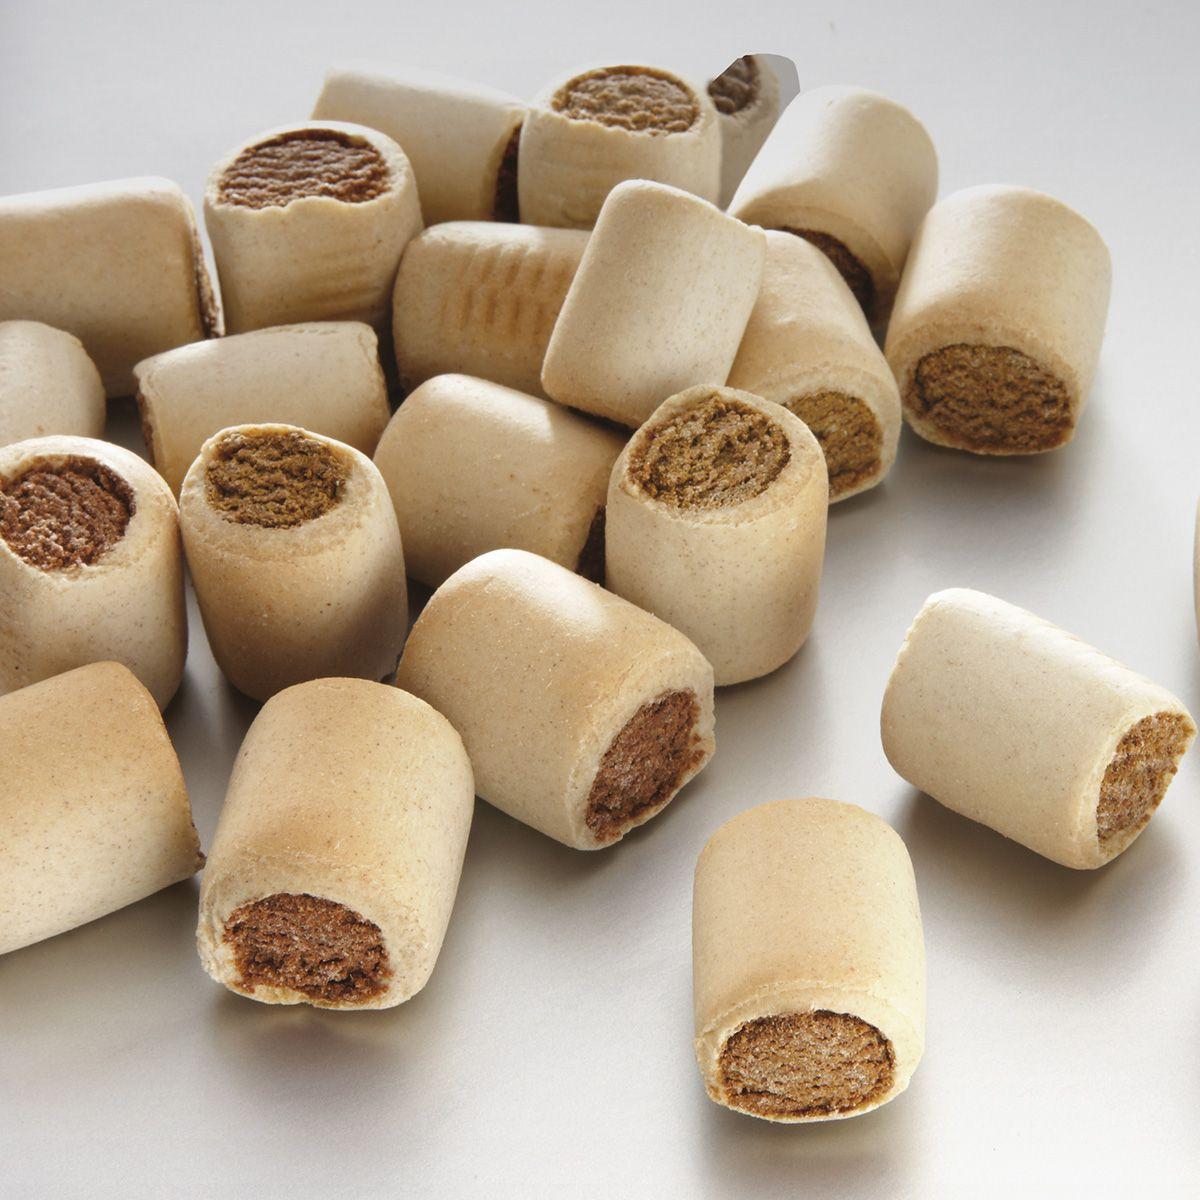 Лакомство для собак Meradog Meaty Rolls Mix, микс-роллы, 10 кг0120710Печенье (лакомства) для собак. Как вознаграждение, а также дополнение к основному рациону собак